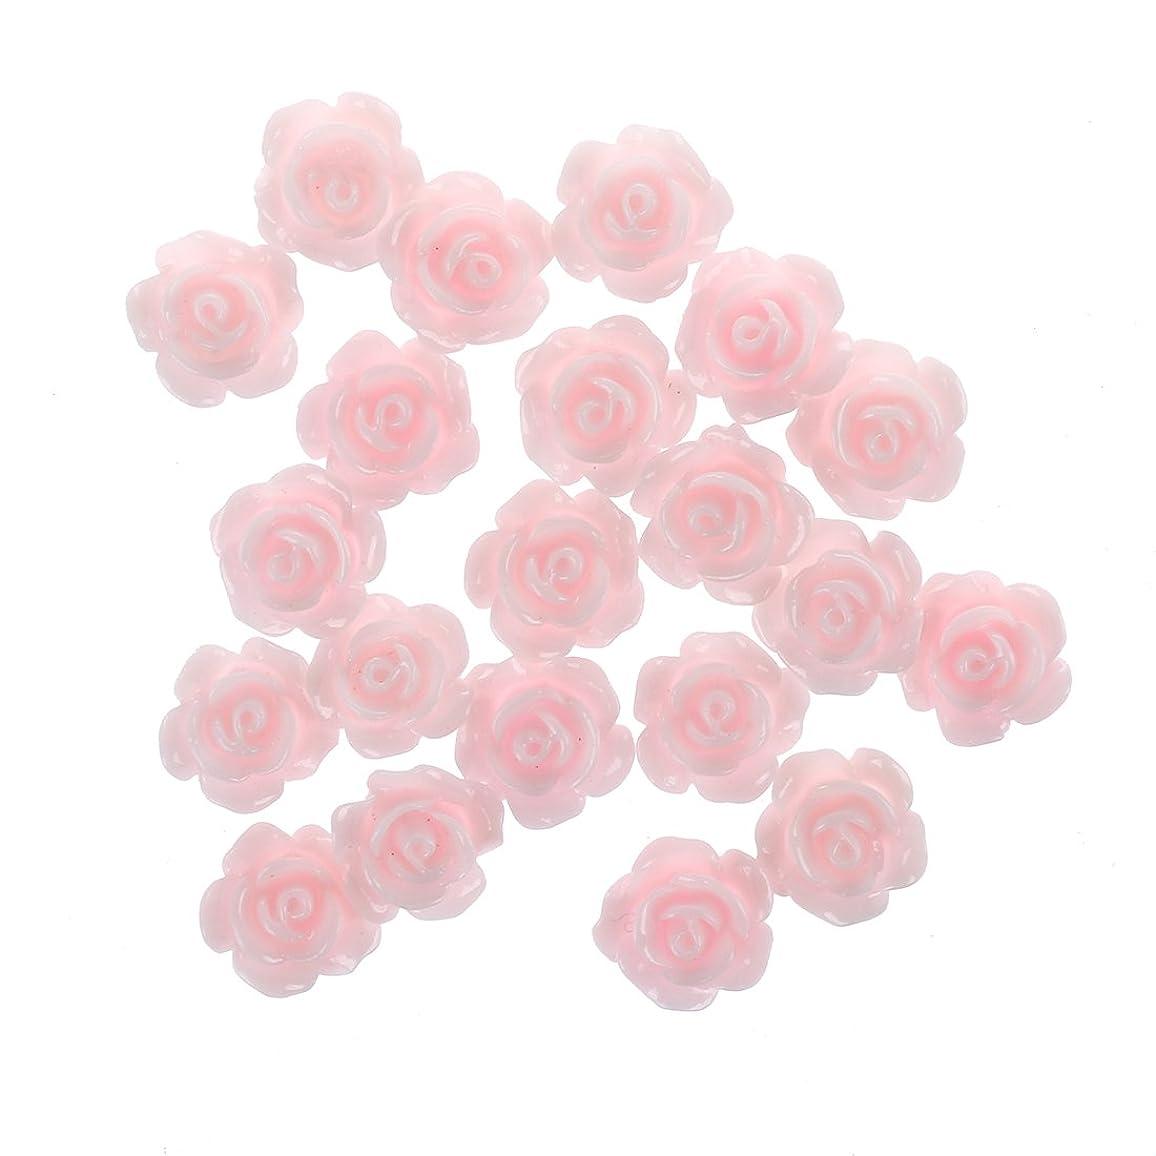 夕食を作る評判デコレーションCikuso 20x3Dピンクの小さいバラ ラインストーン付きネイルアート装飾